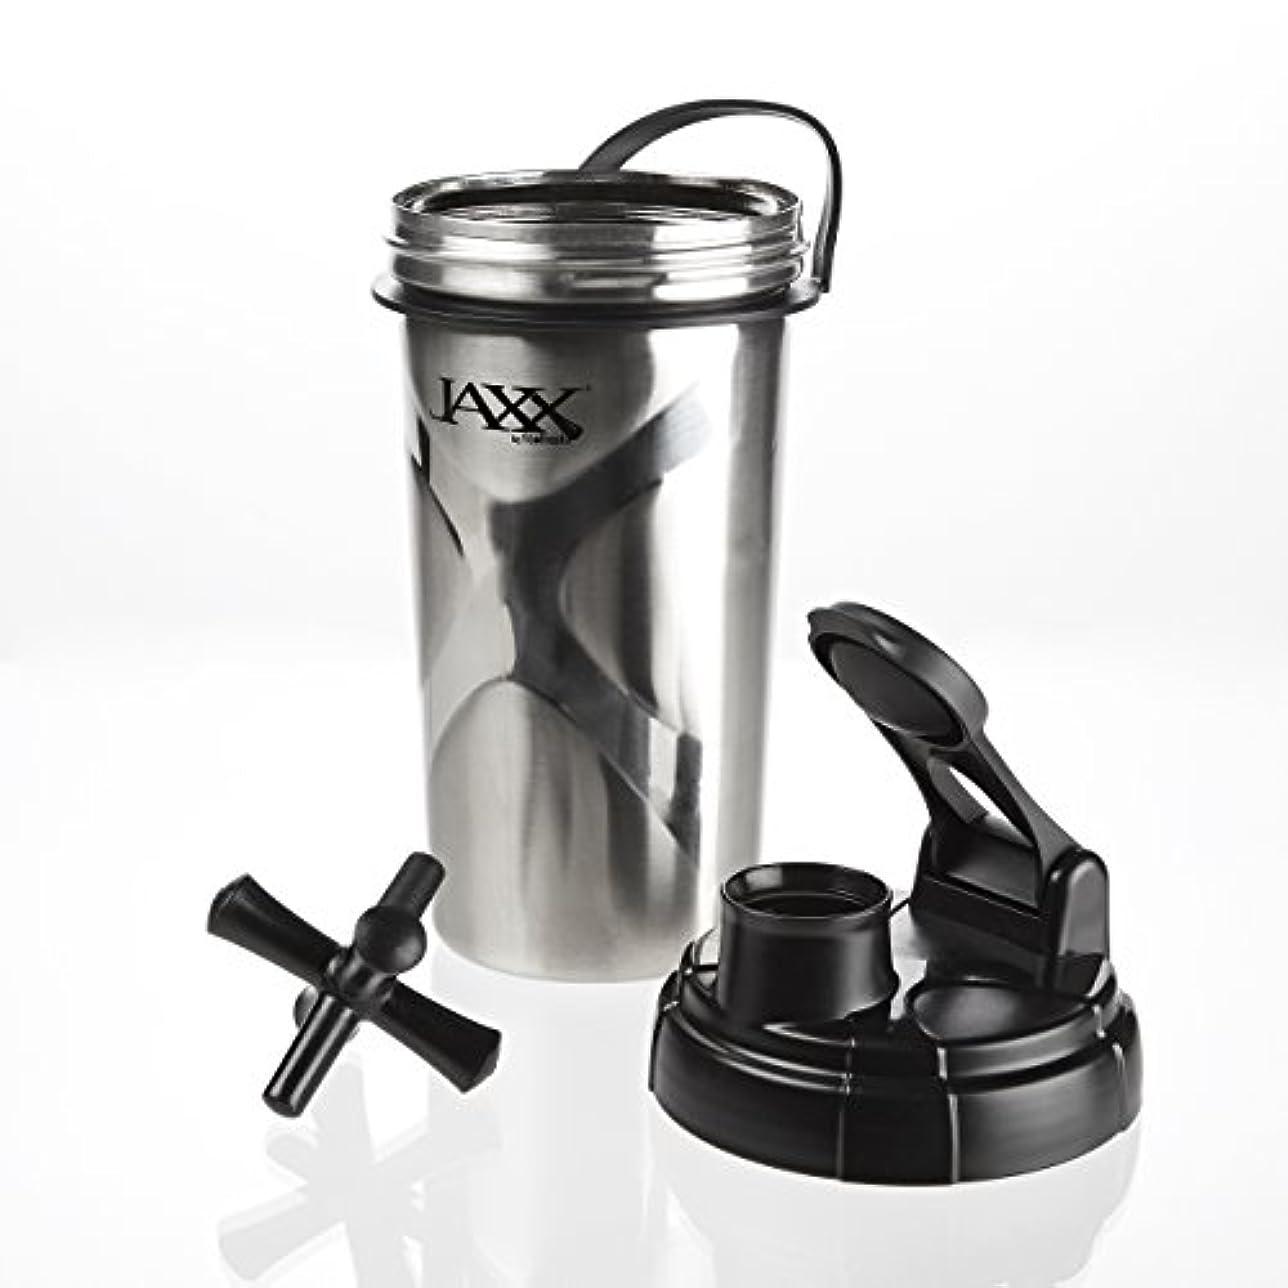 メモどうやらスタジアムFit and Fresh Shaker Cup - Stainless Steel - 26 oz - 1 Count